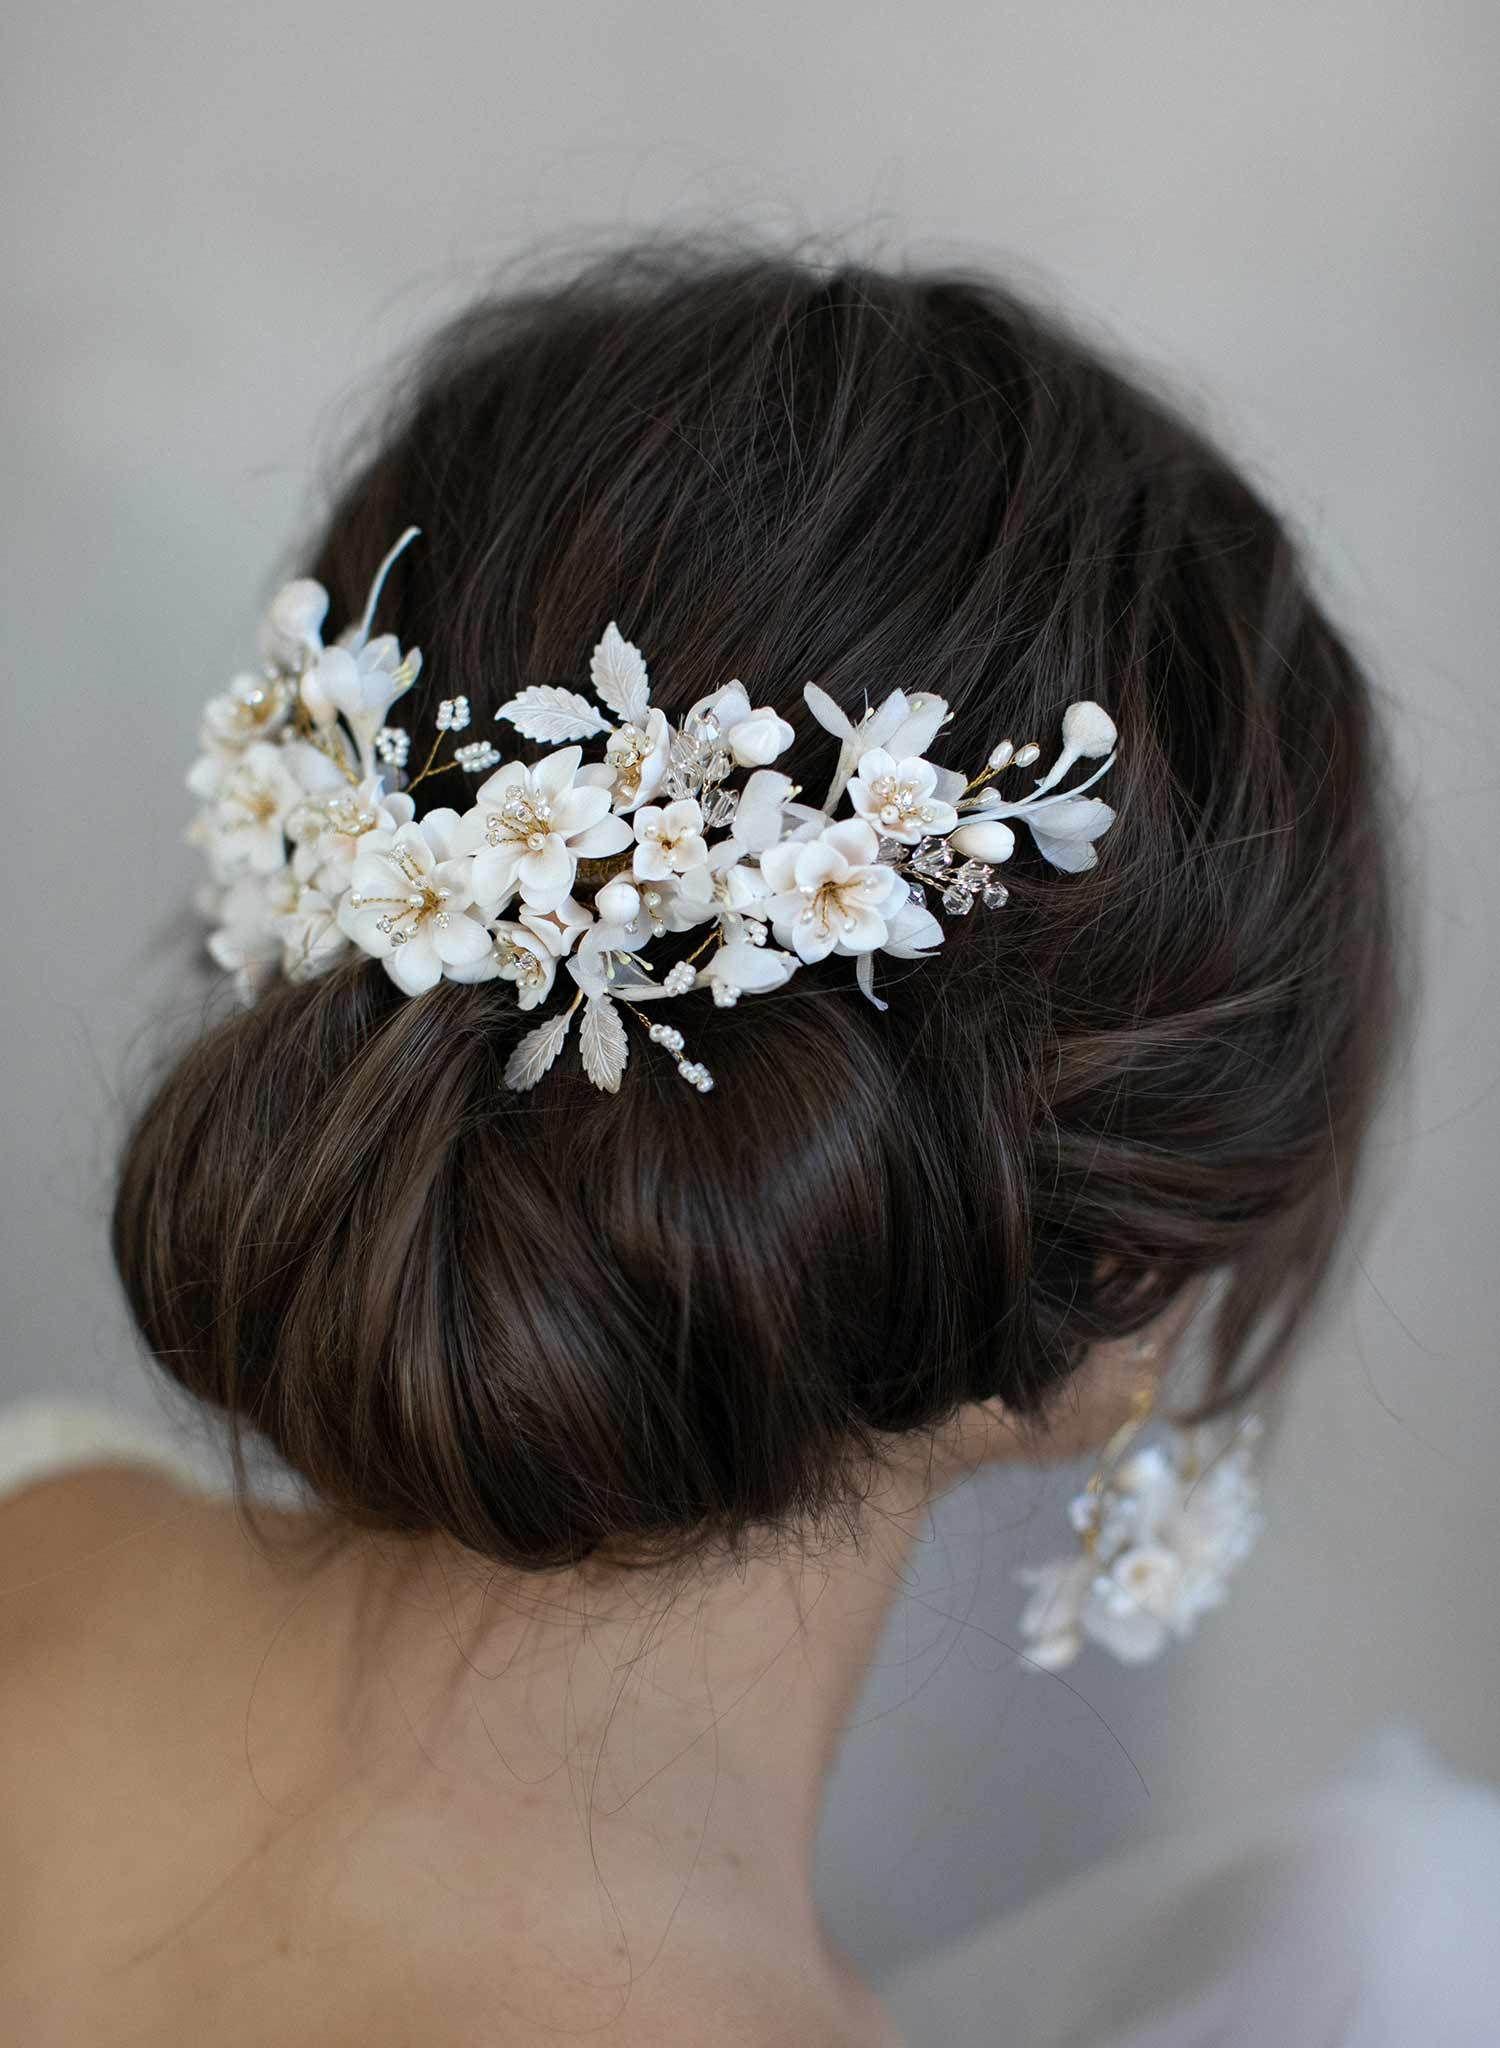 Floral clay bridal headpiece - Creamy decadence floral headpiece - Style #939 #bridalheadpieces